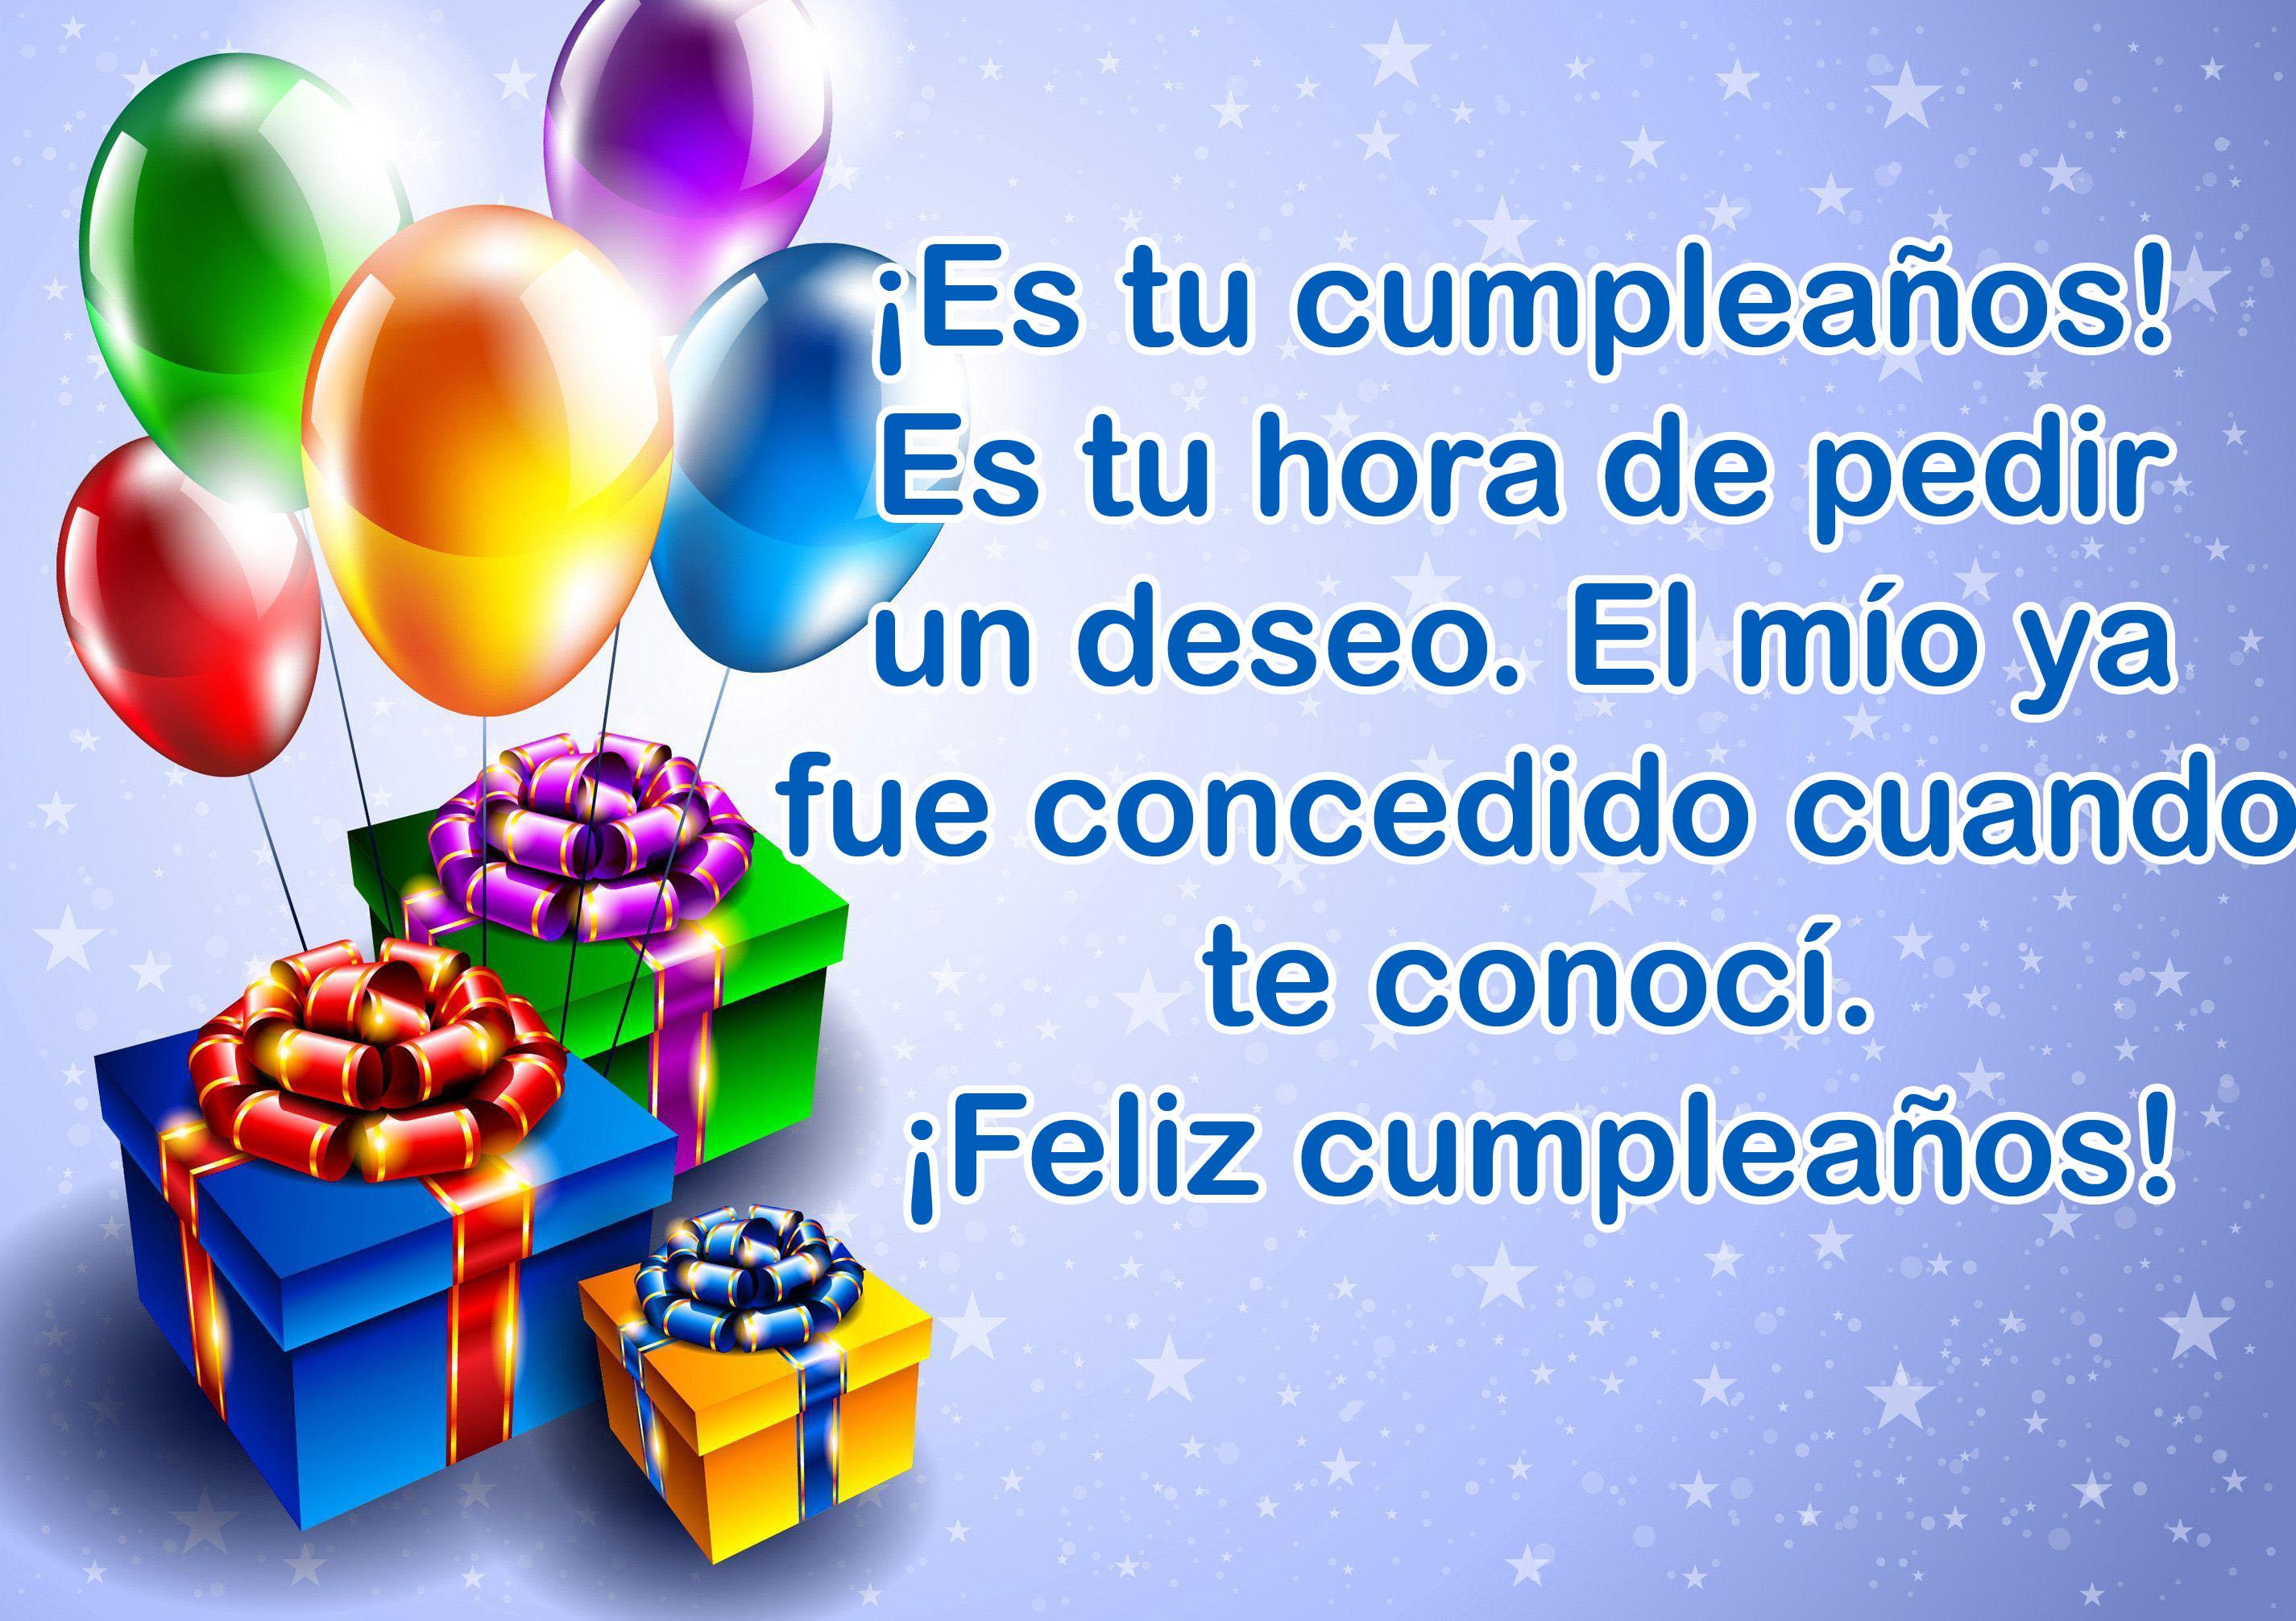 Bonito Lunes Mi Amor las mejores frases y regalos de cumpleaños - frasescumpleaños